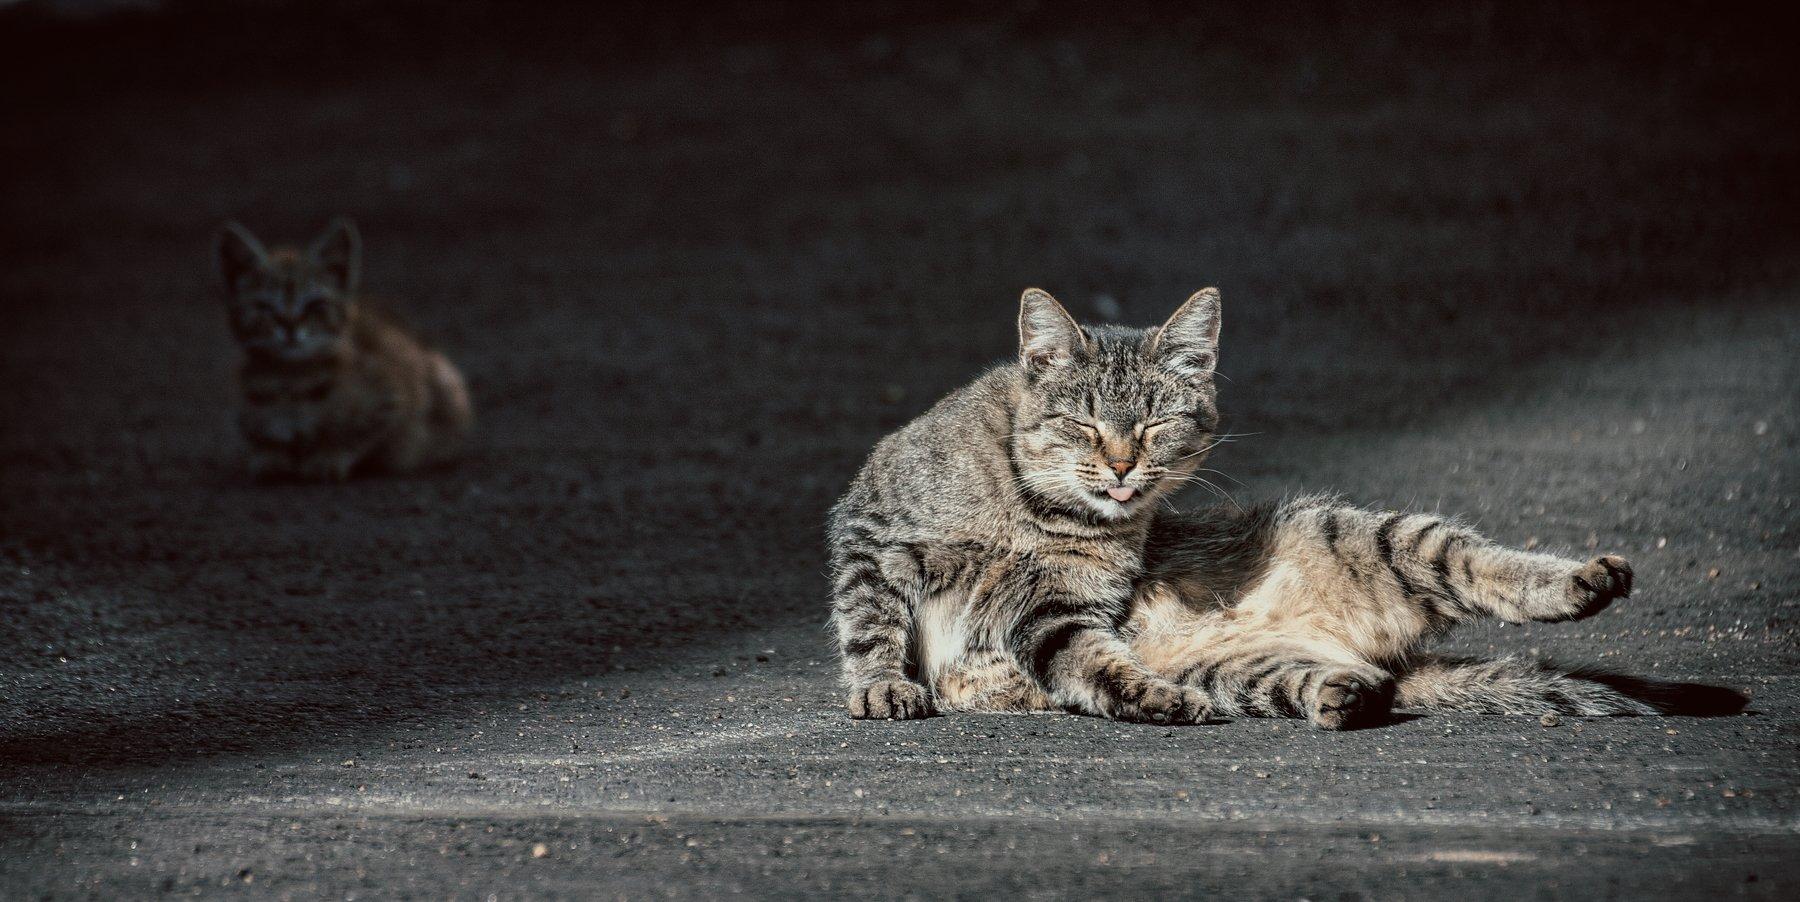 кот, коты, котэ, котёнок, кошка, кошки, Vladimir Kedrov